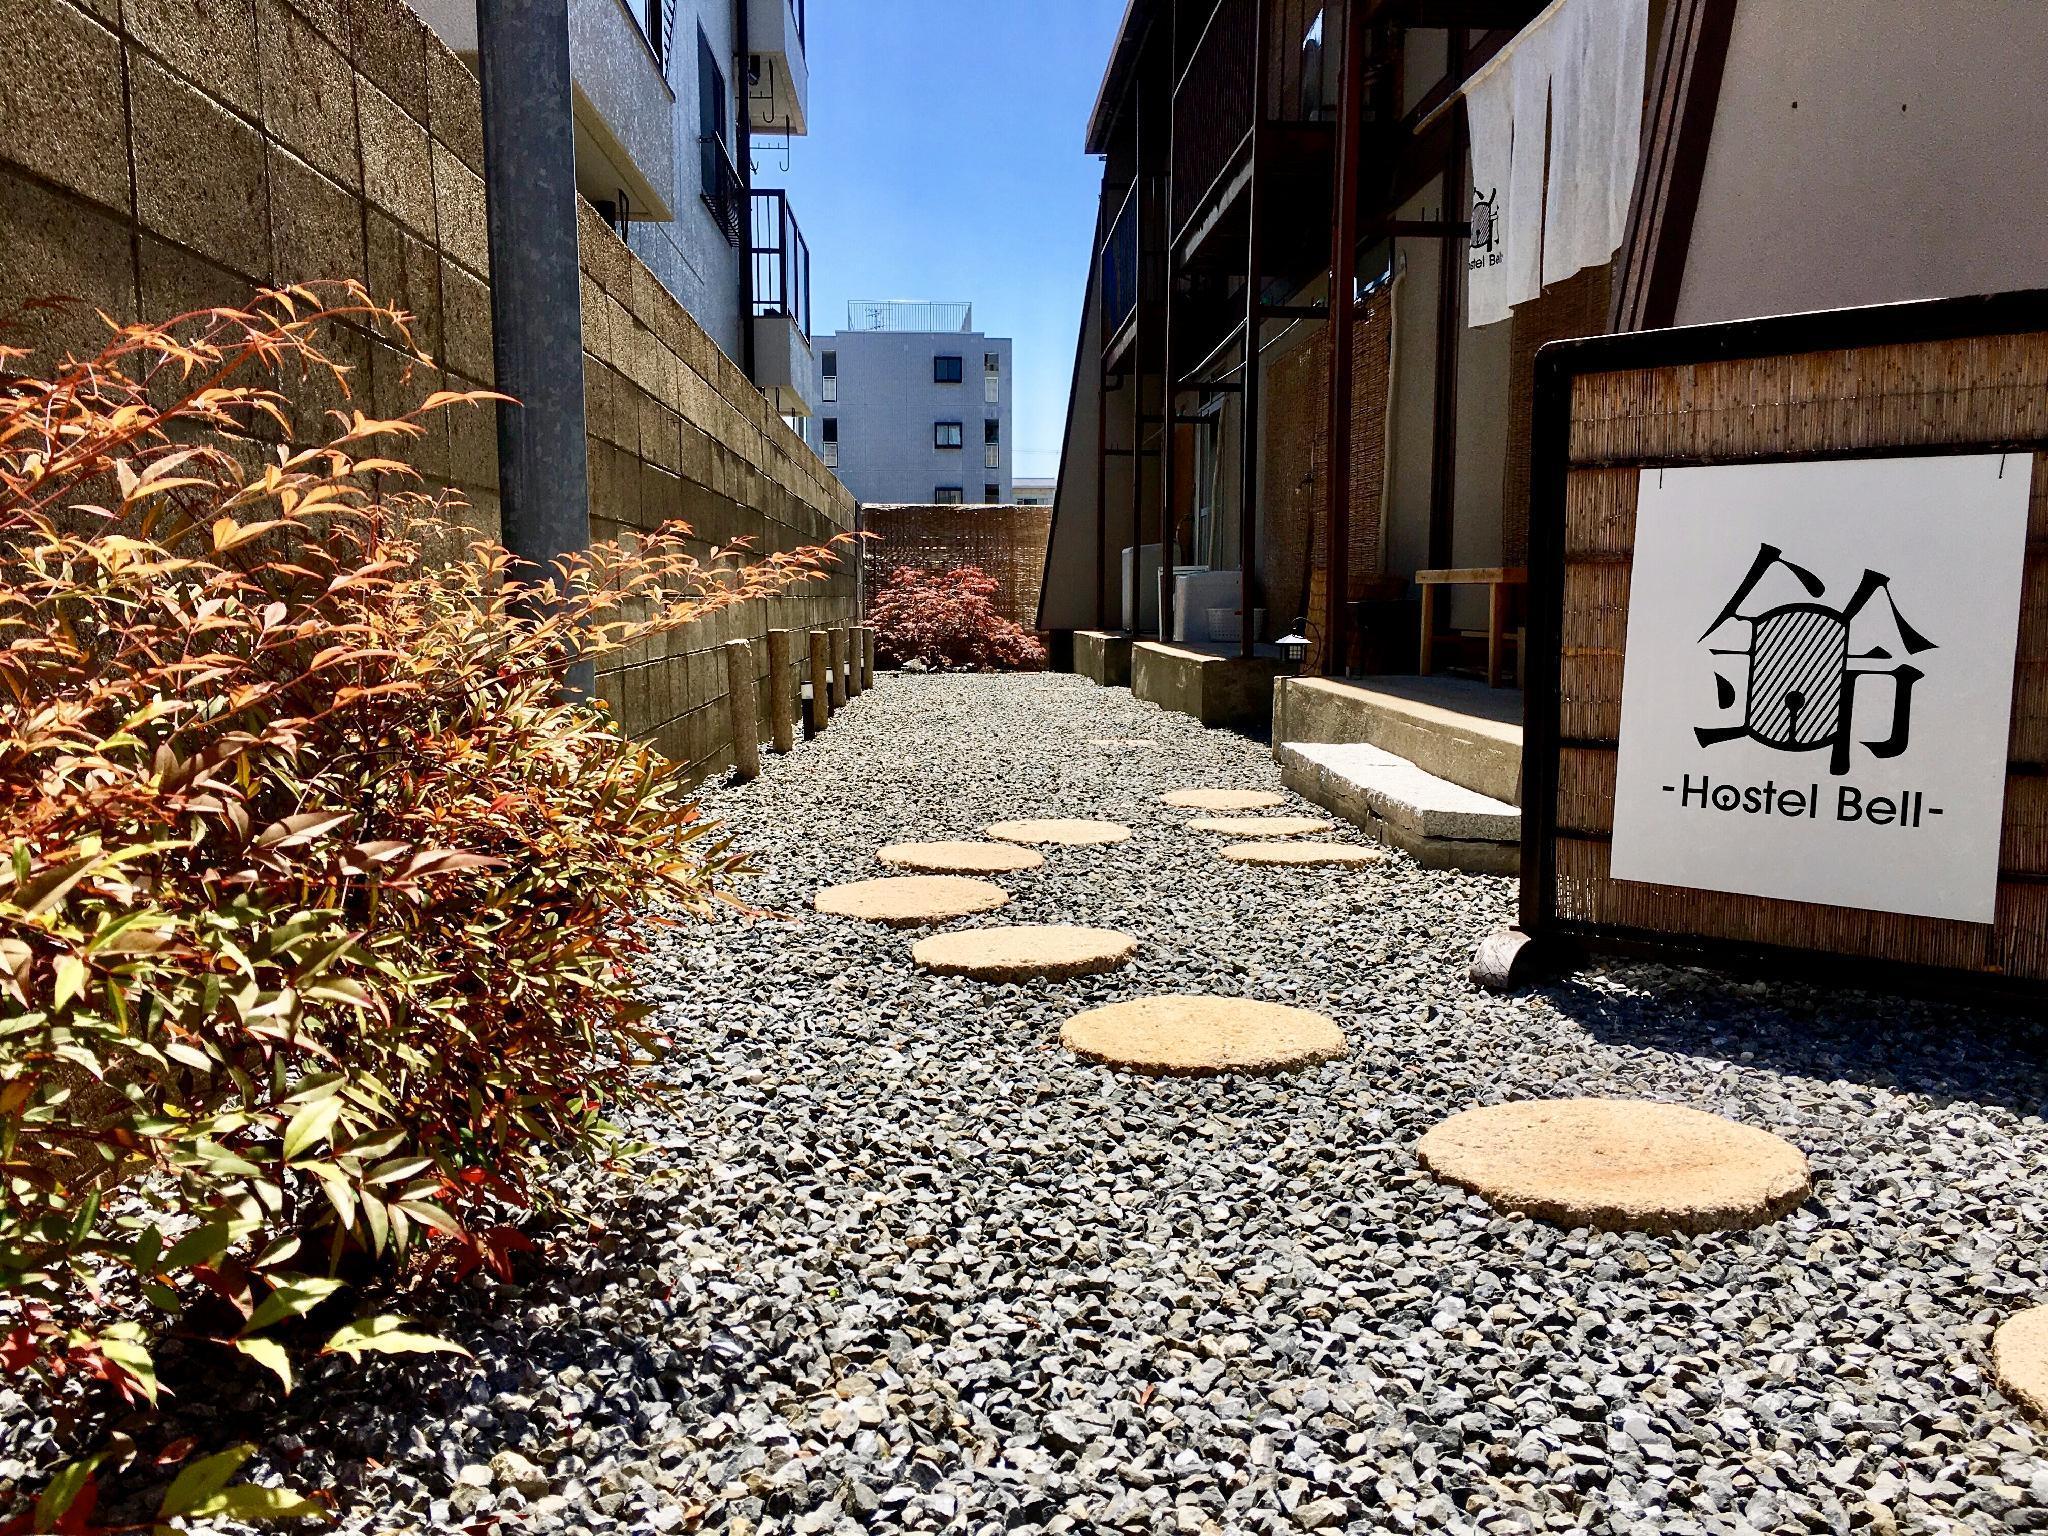 Hostel Bell In Osaka Near Kyoto.